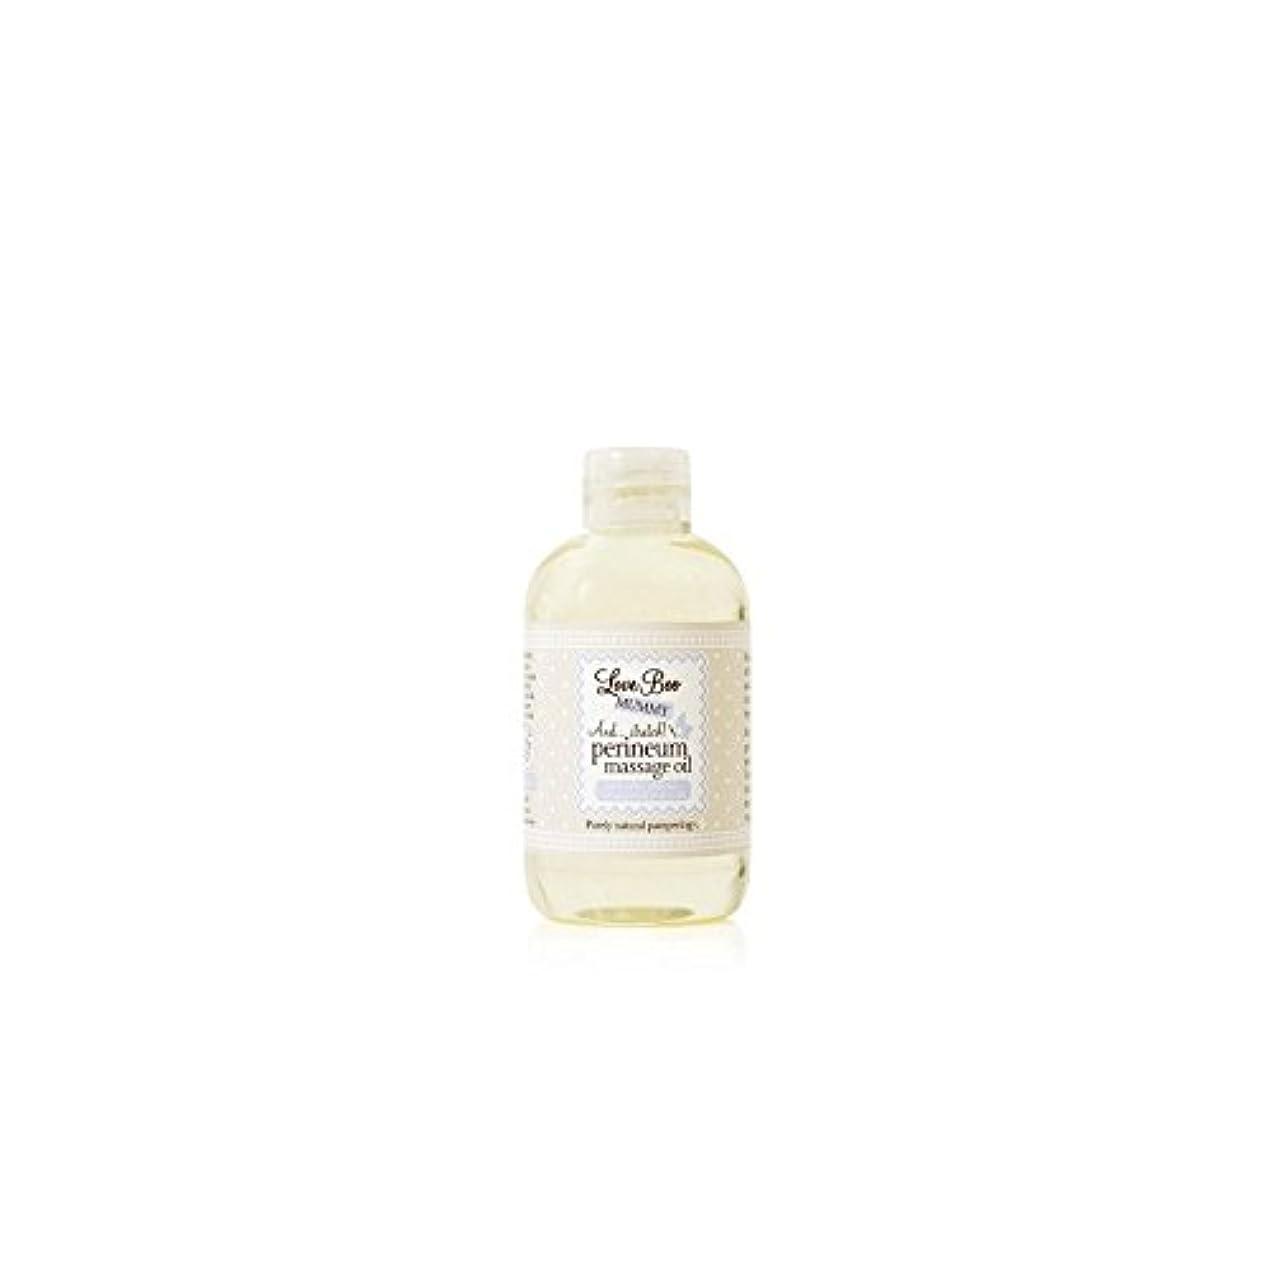 詳細な寄付世界に死んだLove Boo Perineum Massage Oil (100ml) (Pack of 6) - 会陰マッサージオイル(100)にブーイングの愛 x6 [並行輸入品]